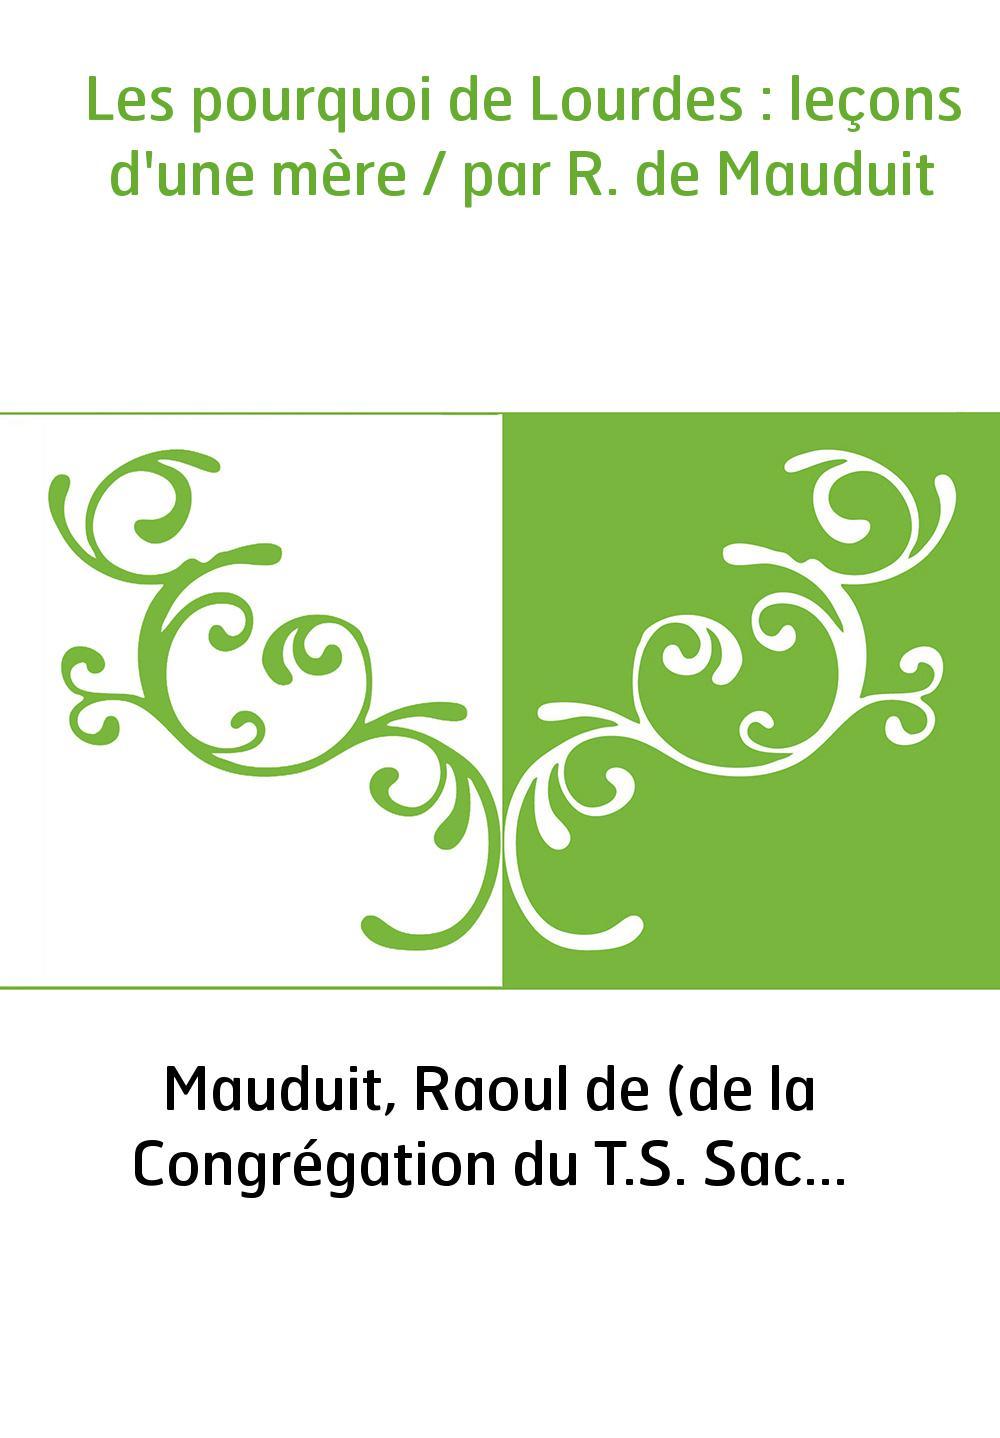 Les pourquoi de Lourdes : leçons d'une mère / par R. de Mauduit